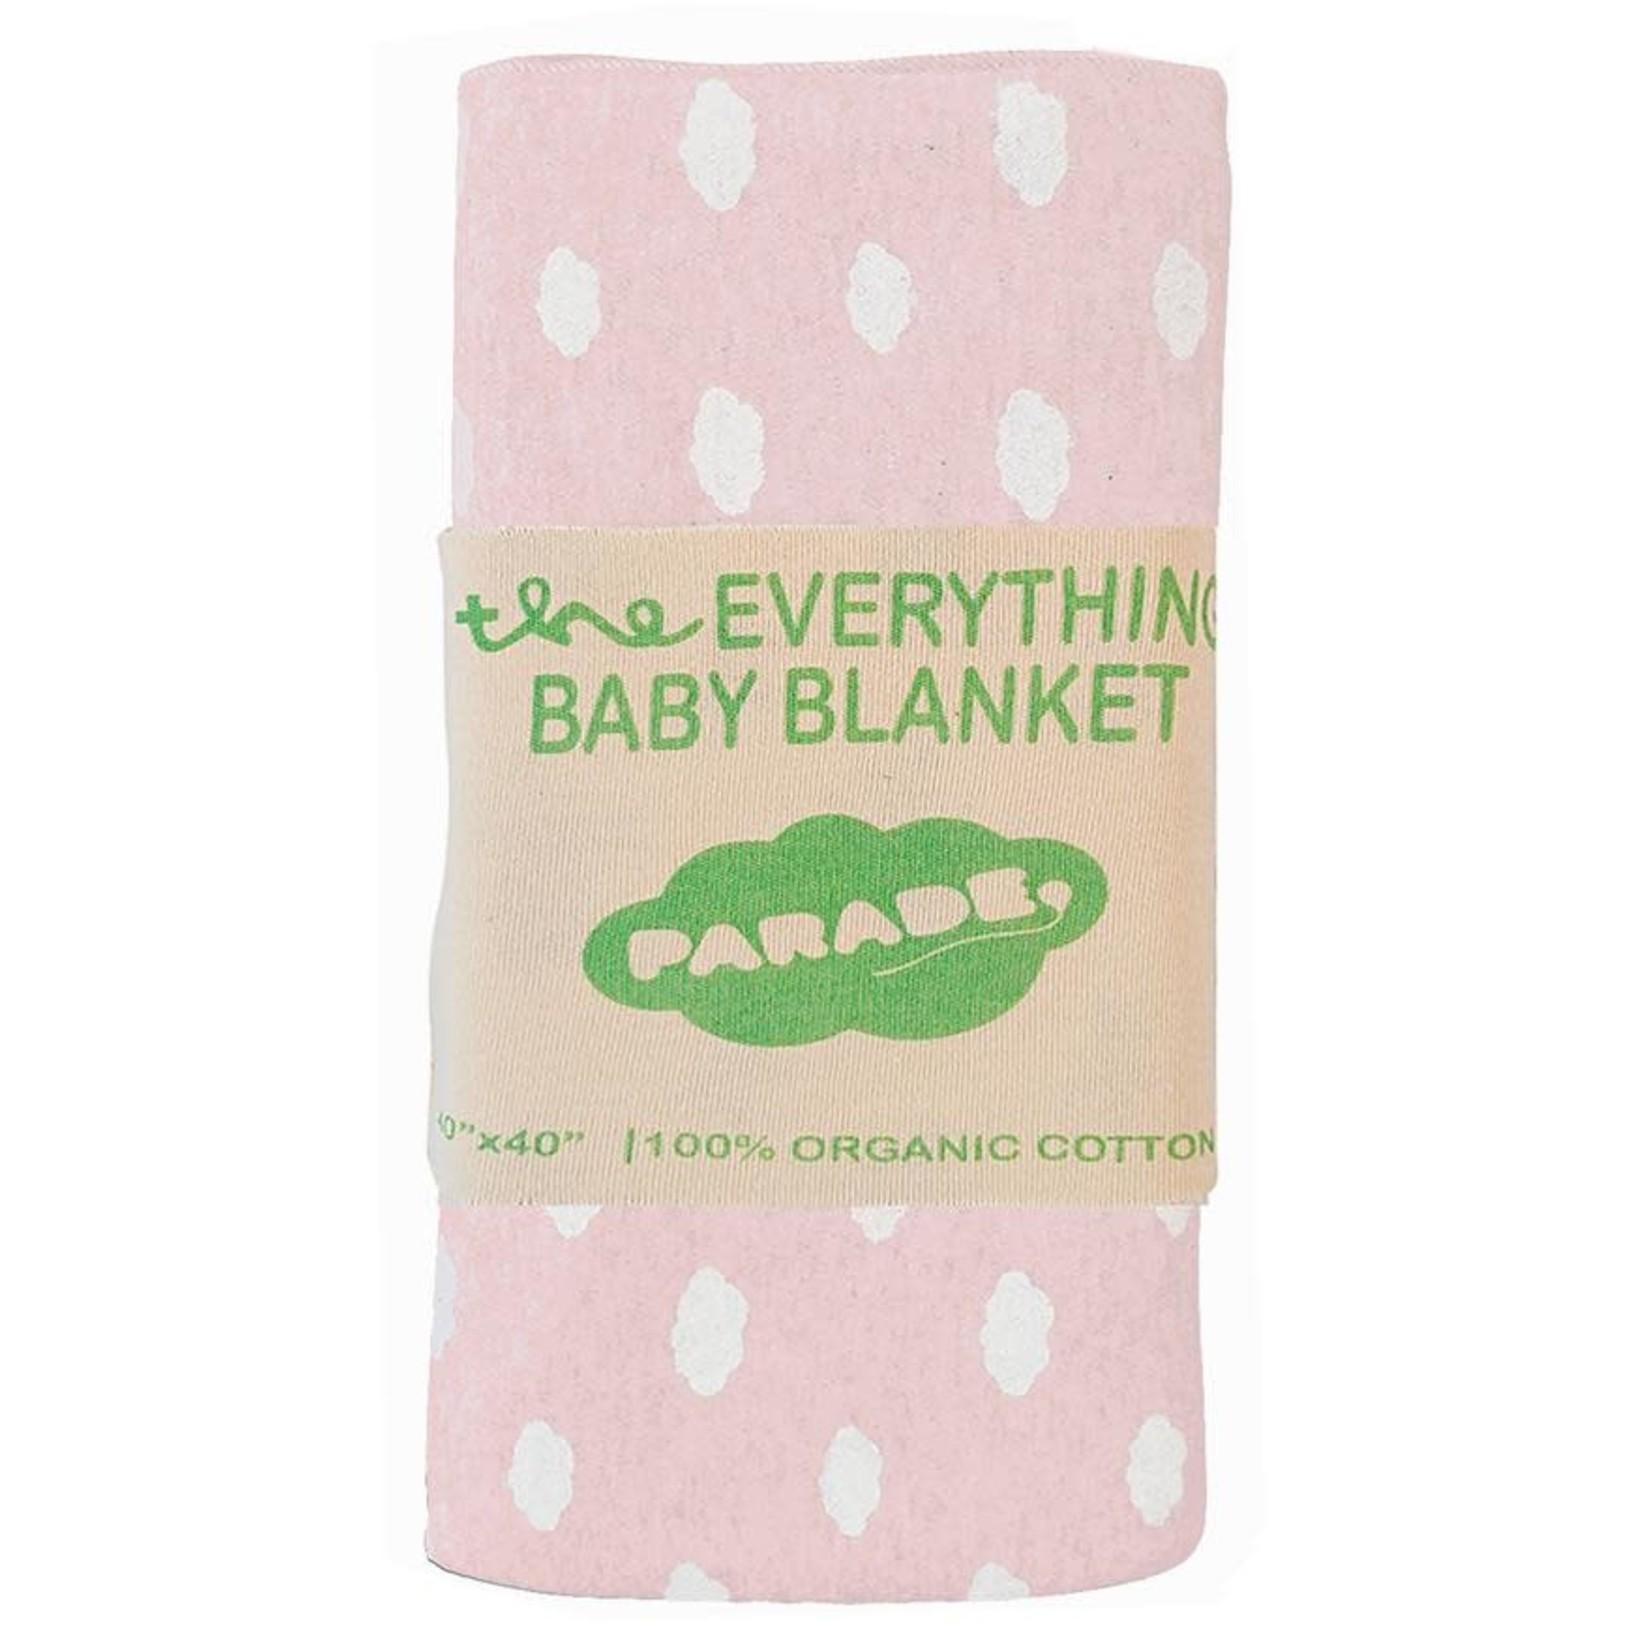 Parade Organics Parade Everything Organic Baby Blanket